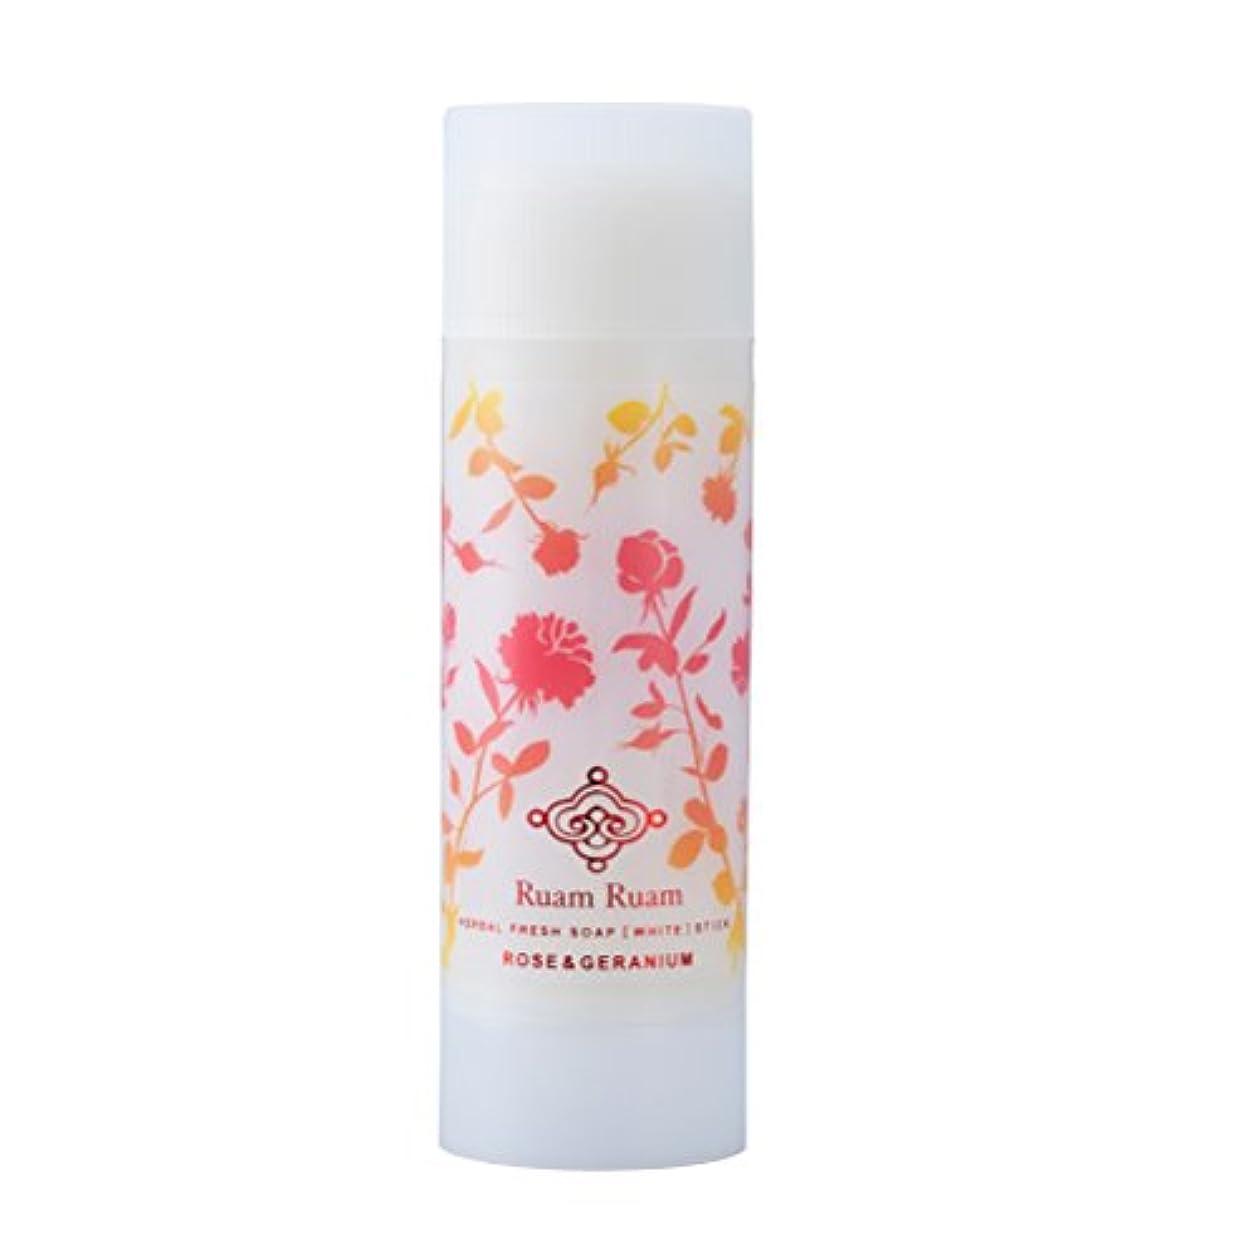 シードグローバル個人ルアンルアン(Ruam Ruam) 洗顔石鹸(白) ローズアンドゼラニウム 90g